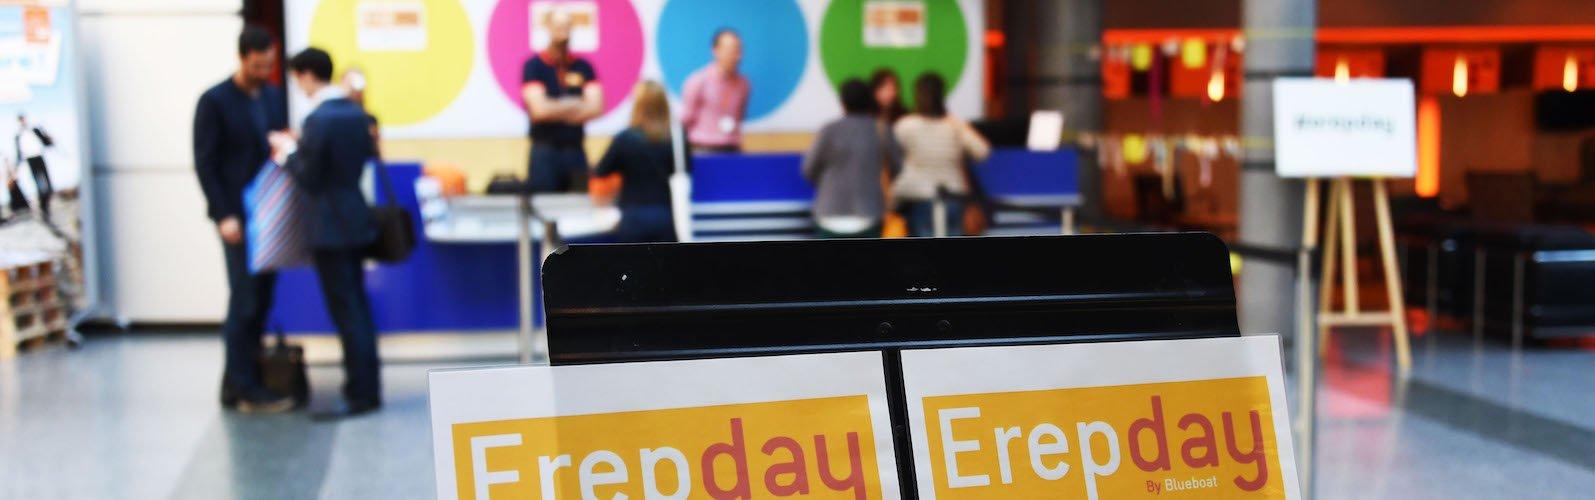 E-réputation, branding & relation client online